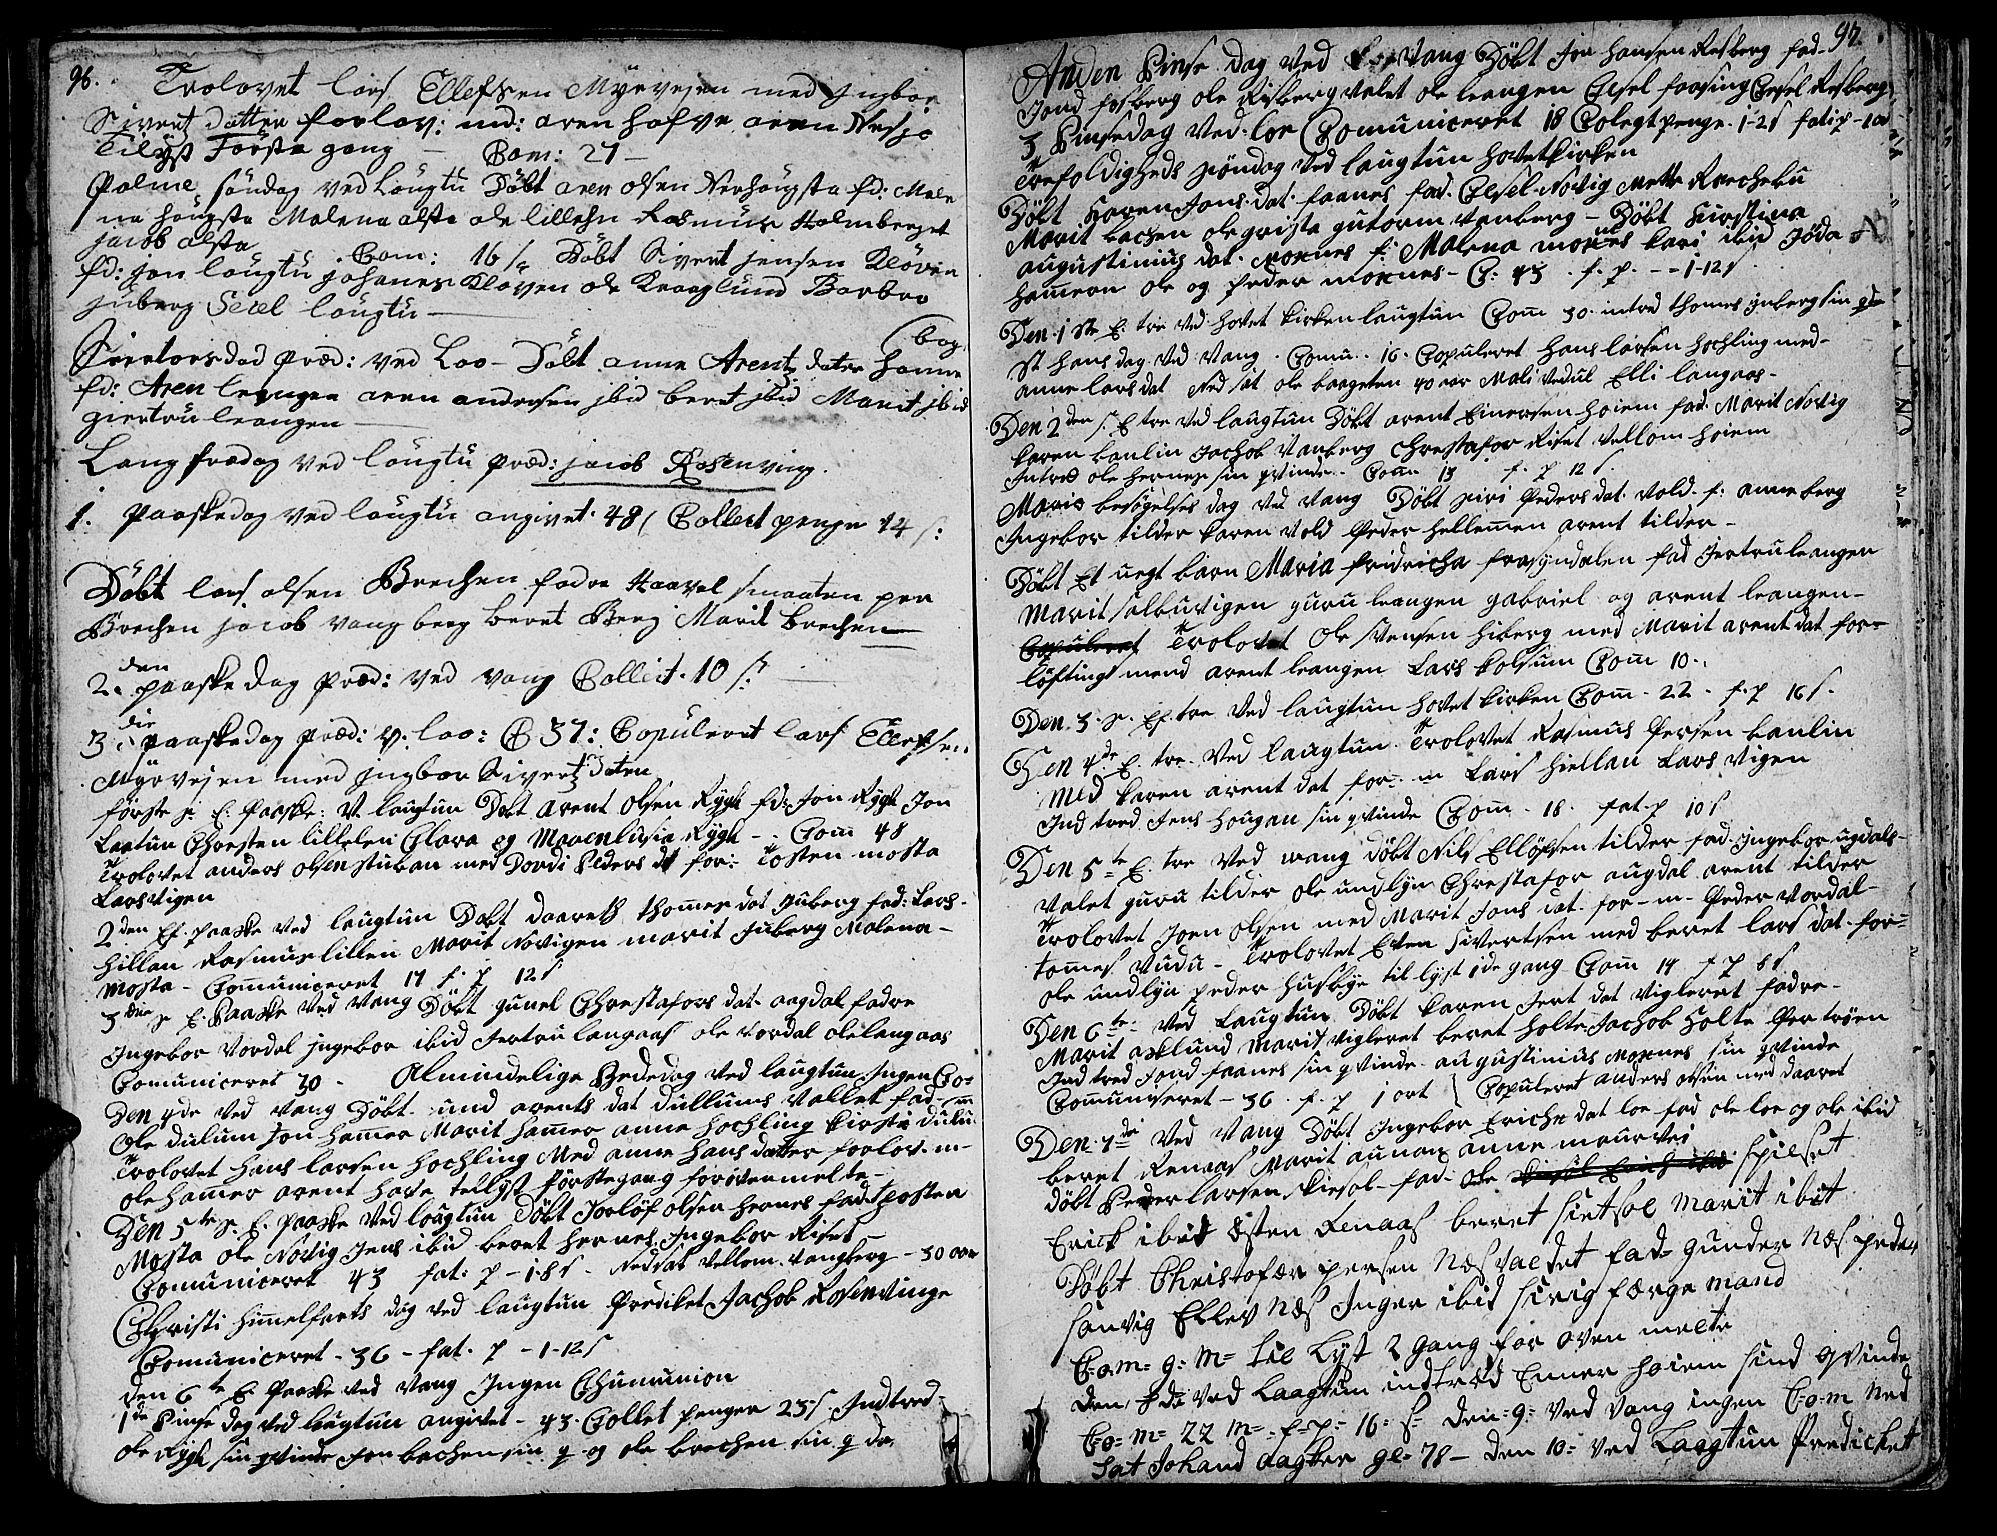 SAT, Ministerialprotokoller, klokkerbøker og fødselsregistre - Nord-Trøndelag, 713/L0109: Ministerialbok nr. 713A01, 1750-1778, s. 96-97